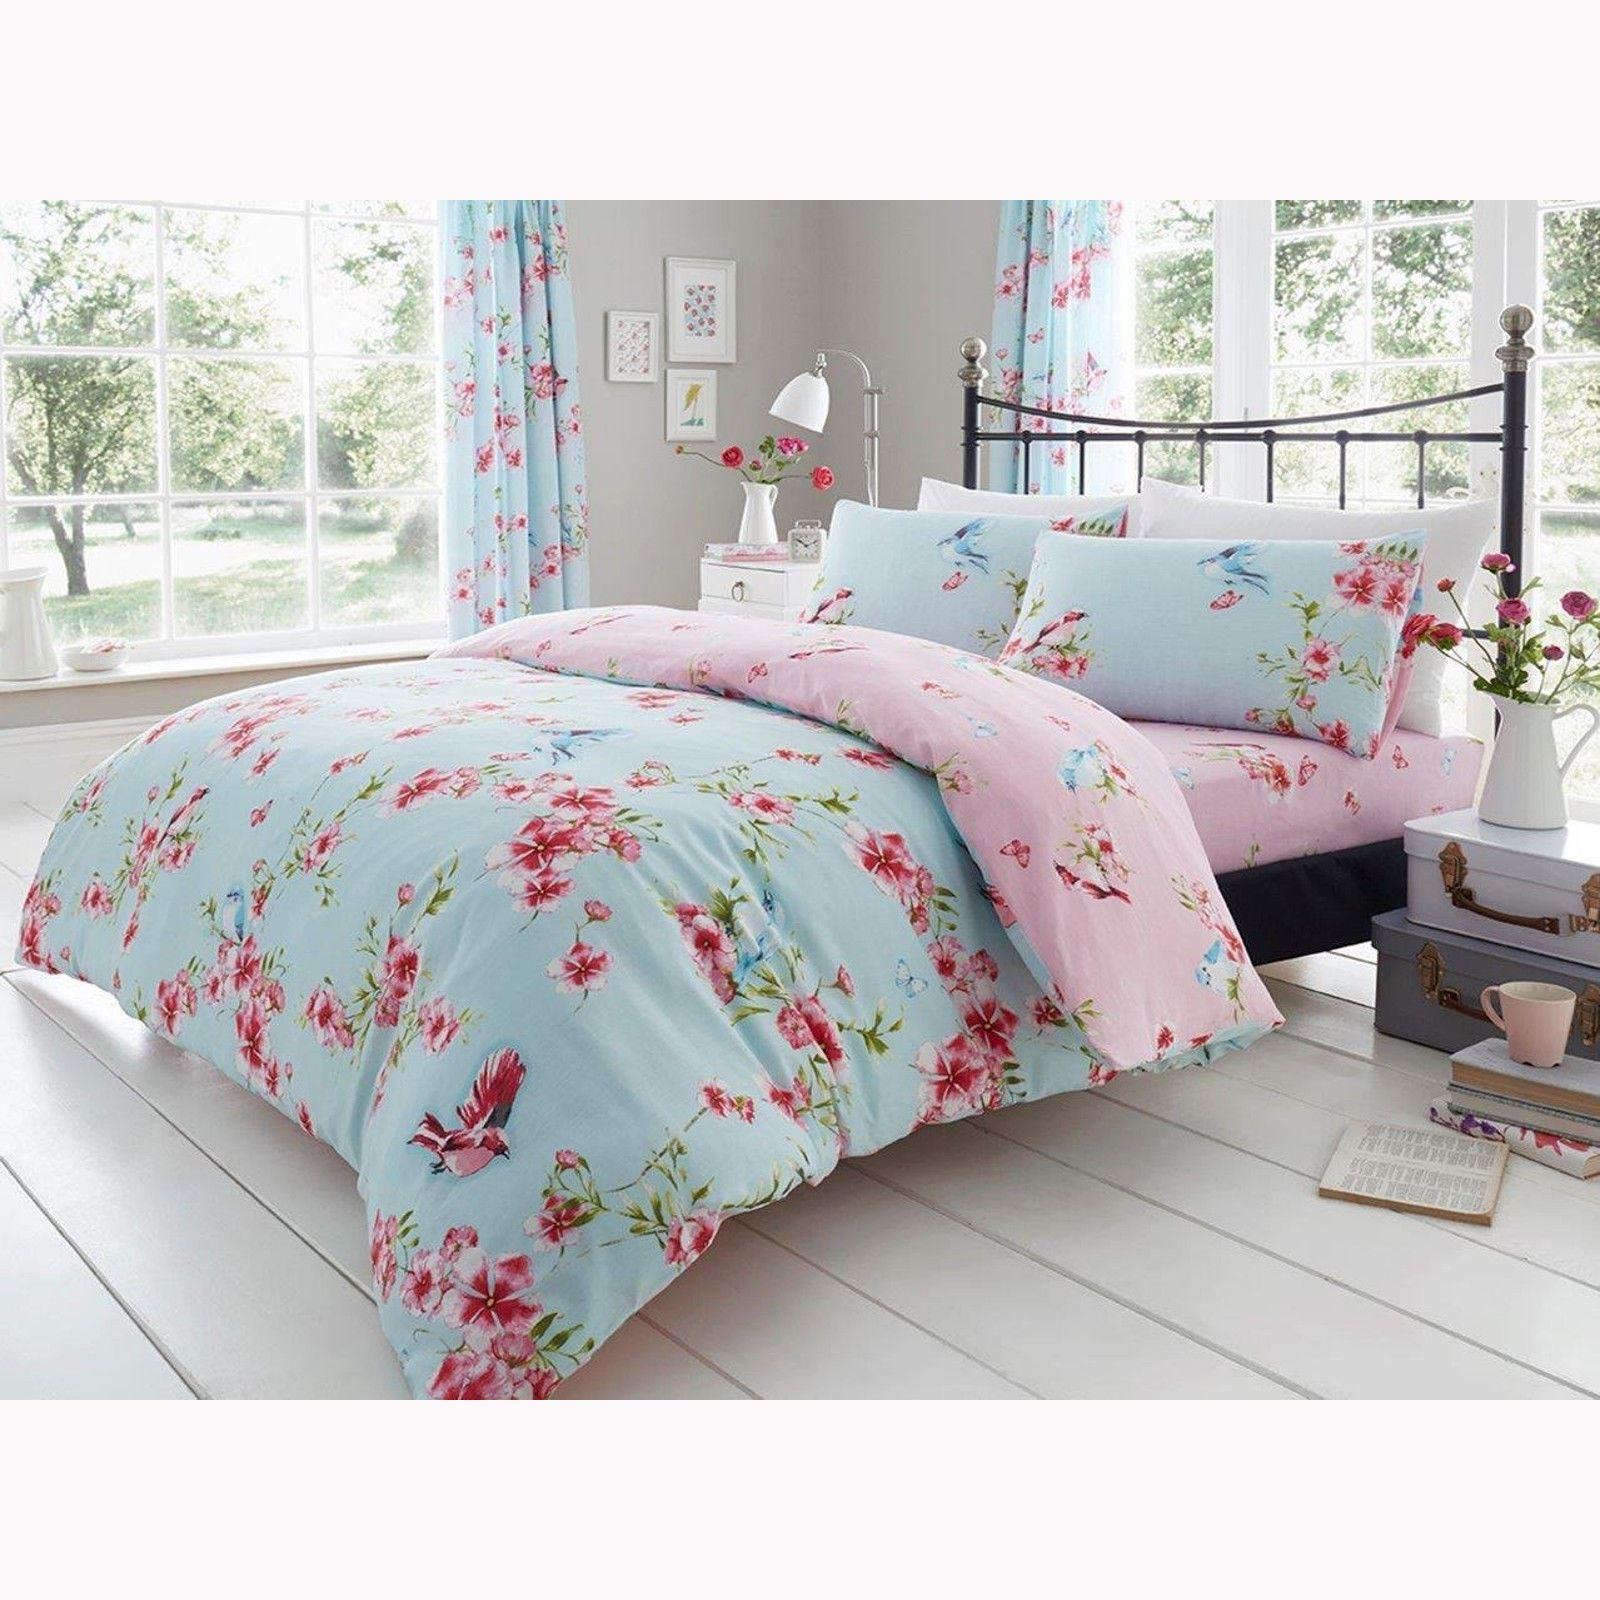 Birdie Blüten Einzelbettbezug Set Vögel Blumen Bettwäsche Blau 2